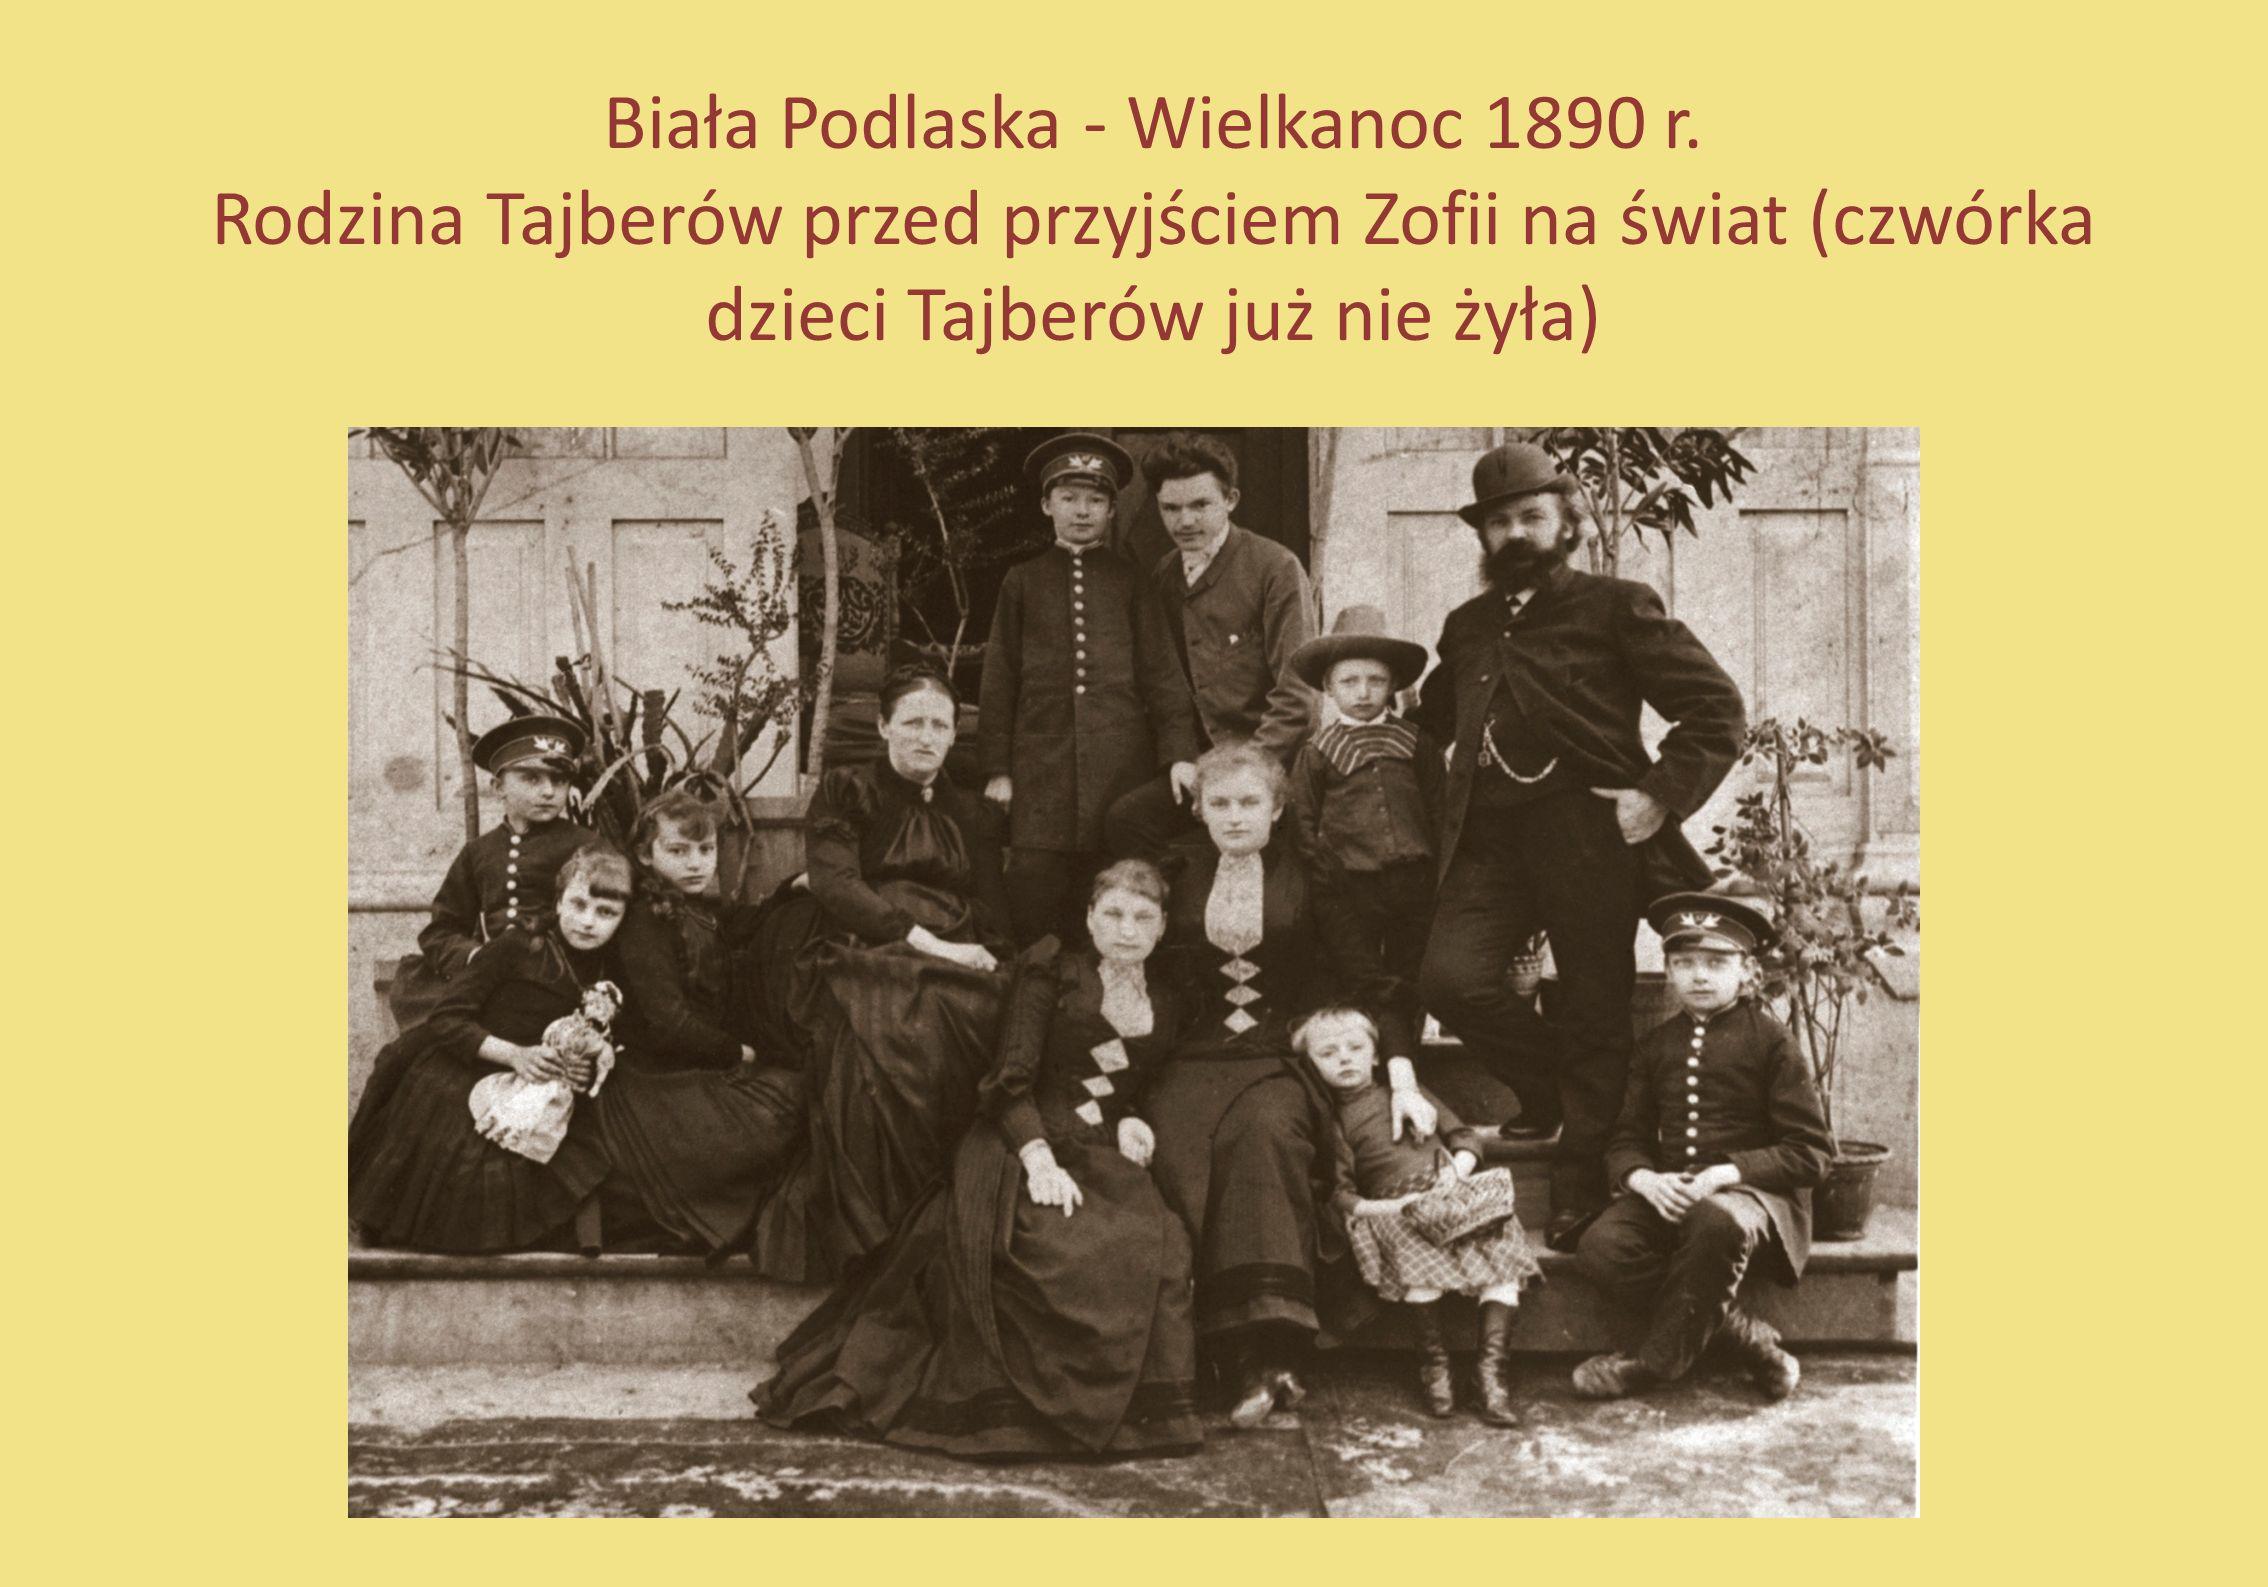 Biała Podlaska - Wielkanoc 1890 r. Rodzina Tajberów przed przyjściem Zofii na świat (czwórka dzieci Tajberów już nie żyła)